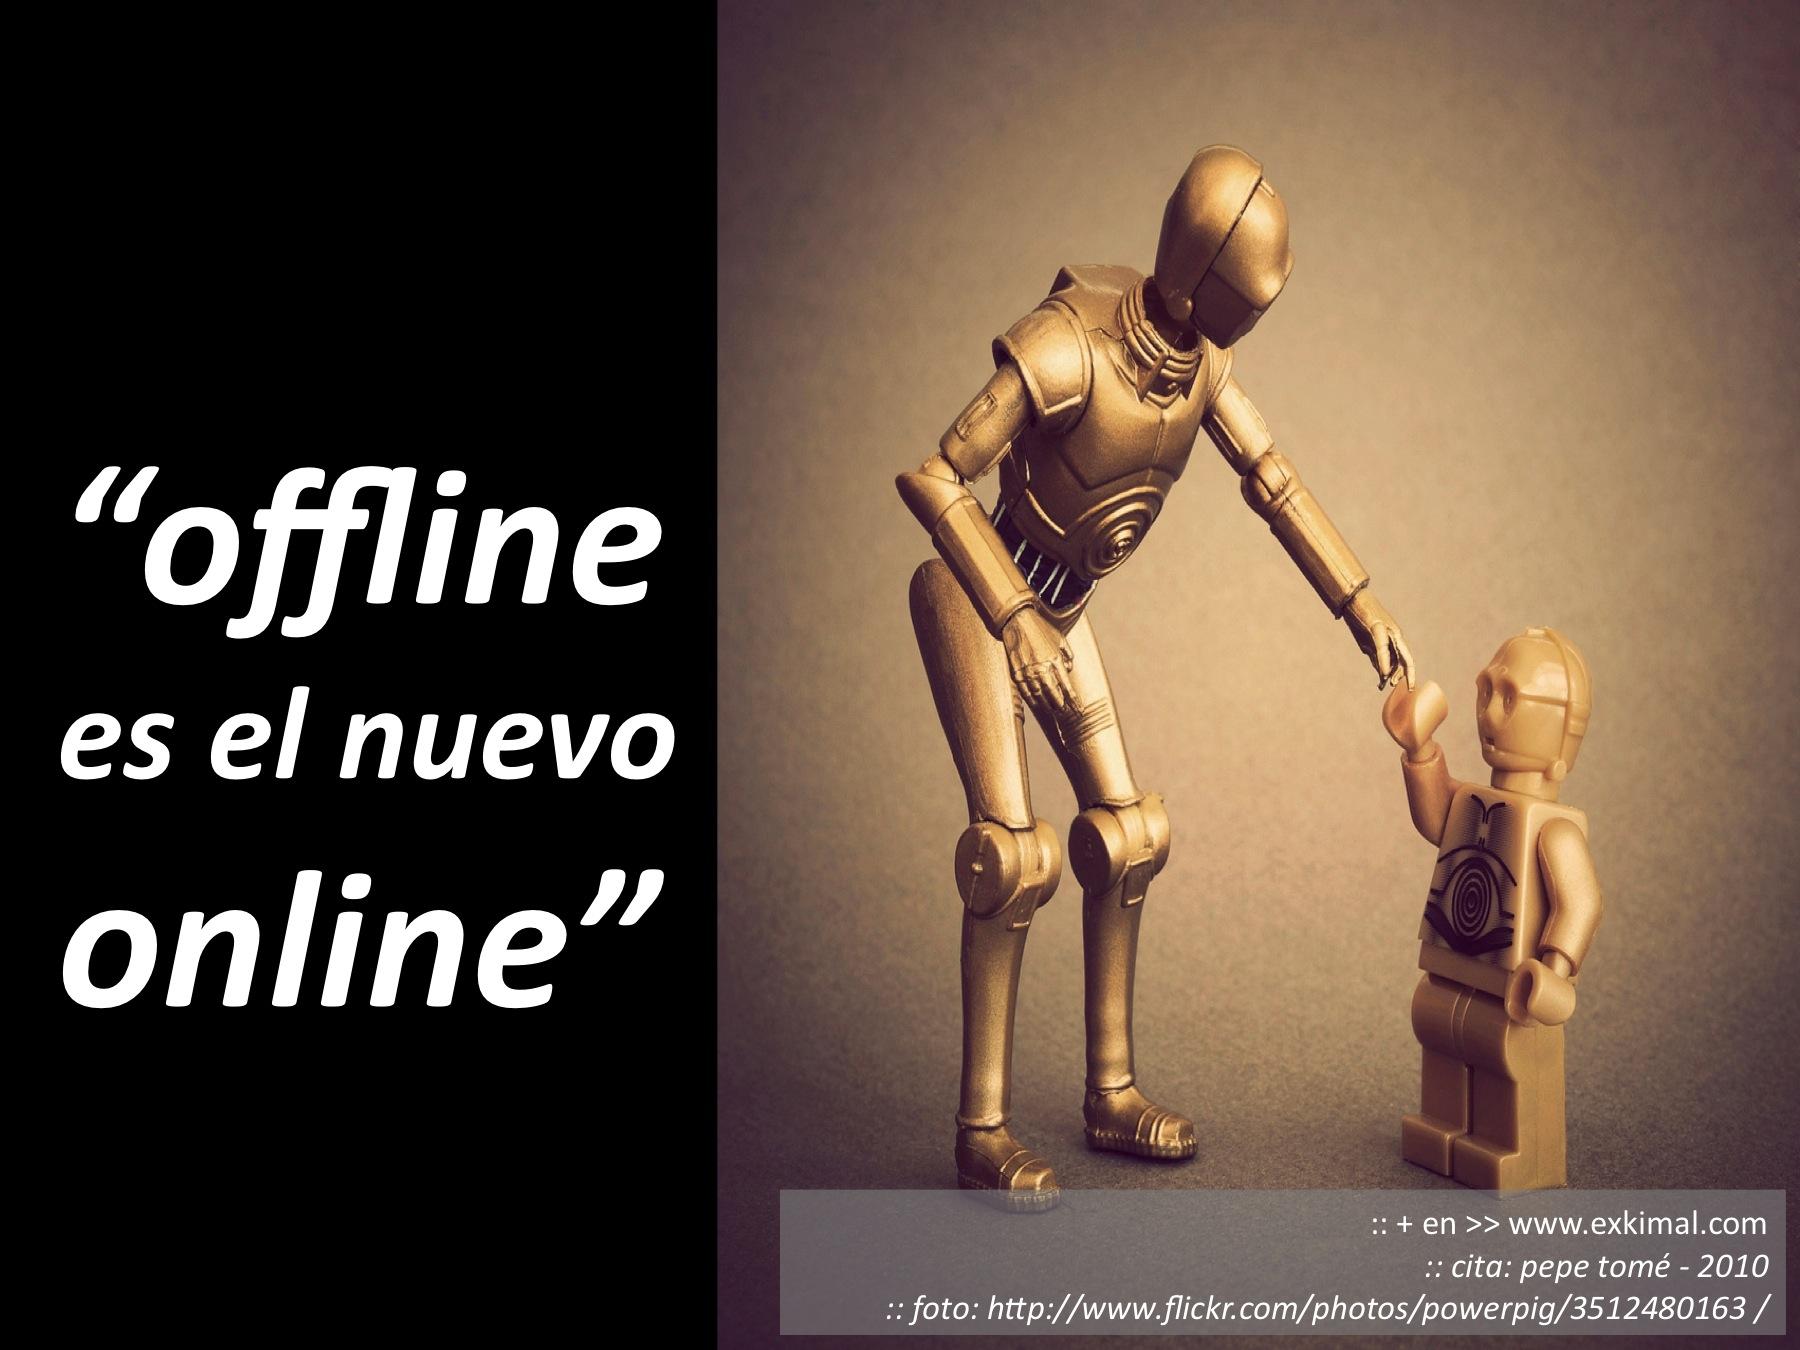 offline es el nuevo online